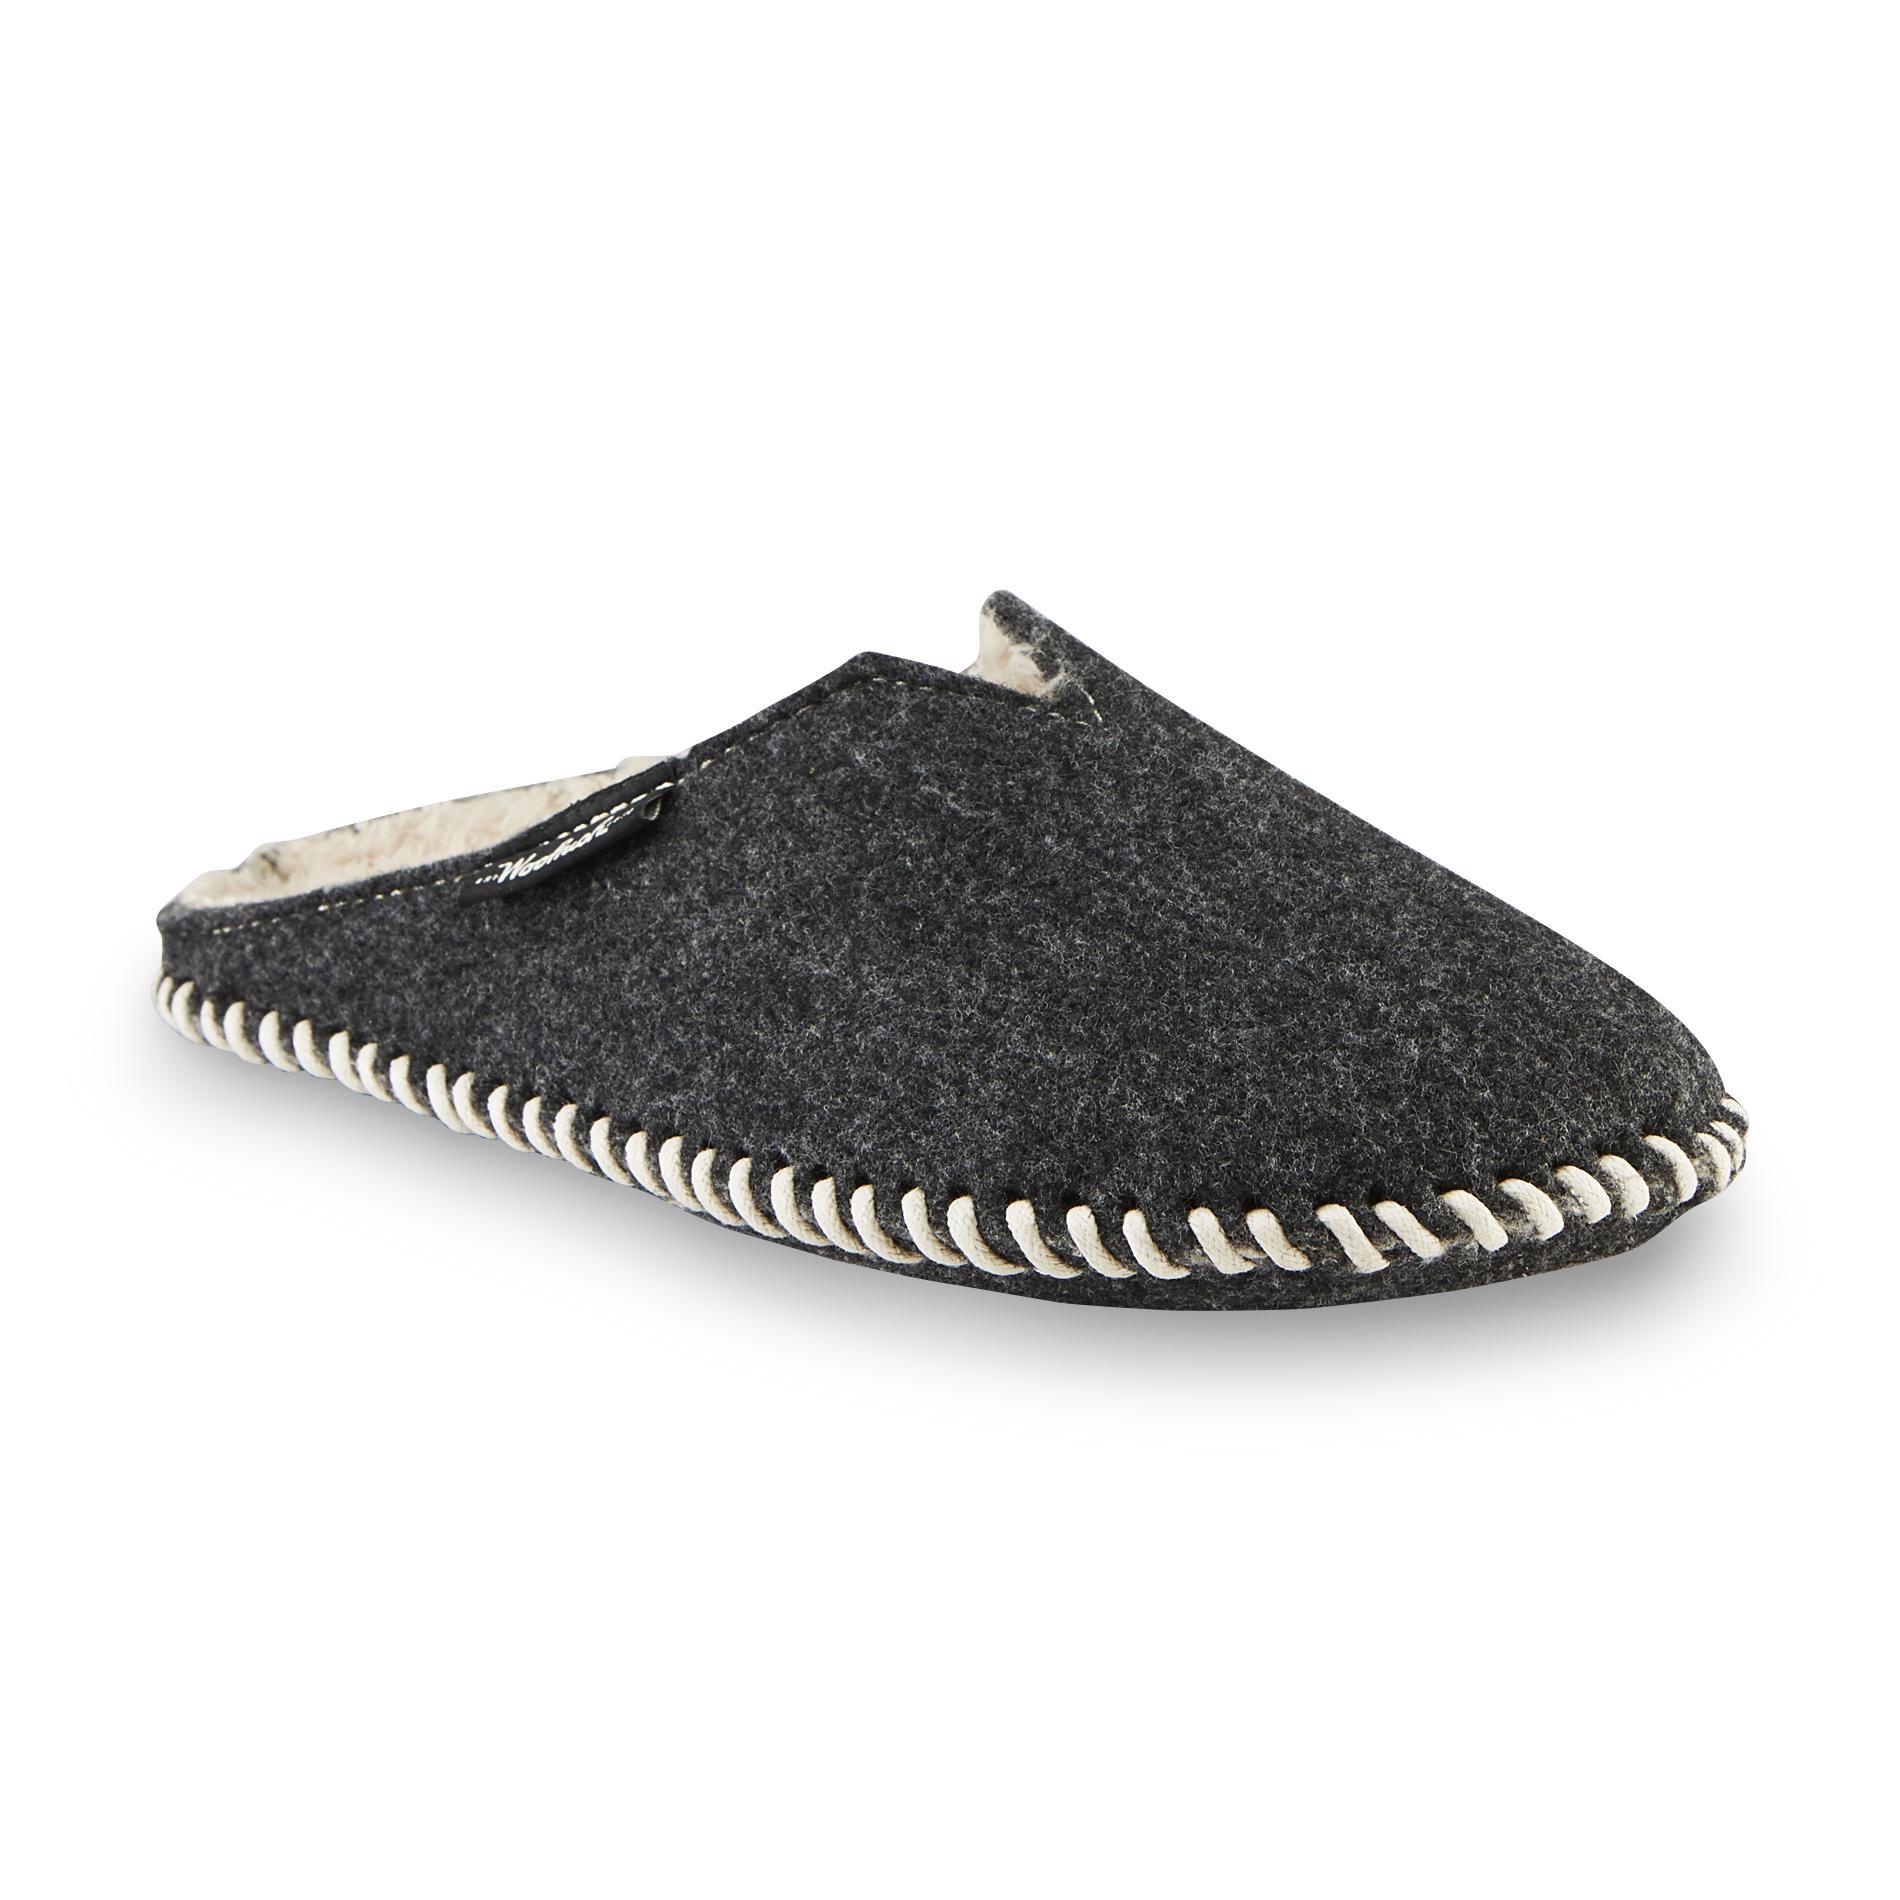 Woolrich Women's Felt Mill Charcoal Scuff Slipper with Faux Fur